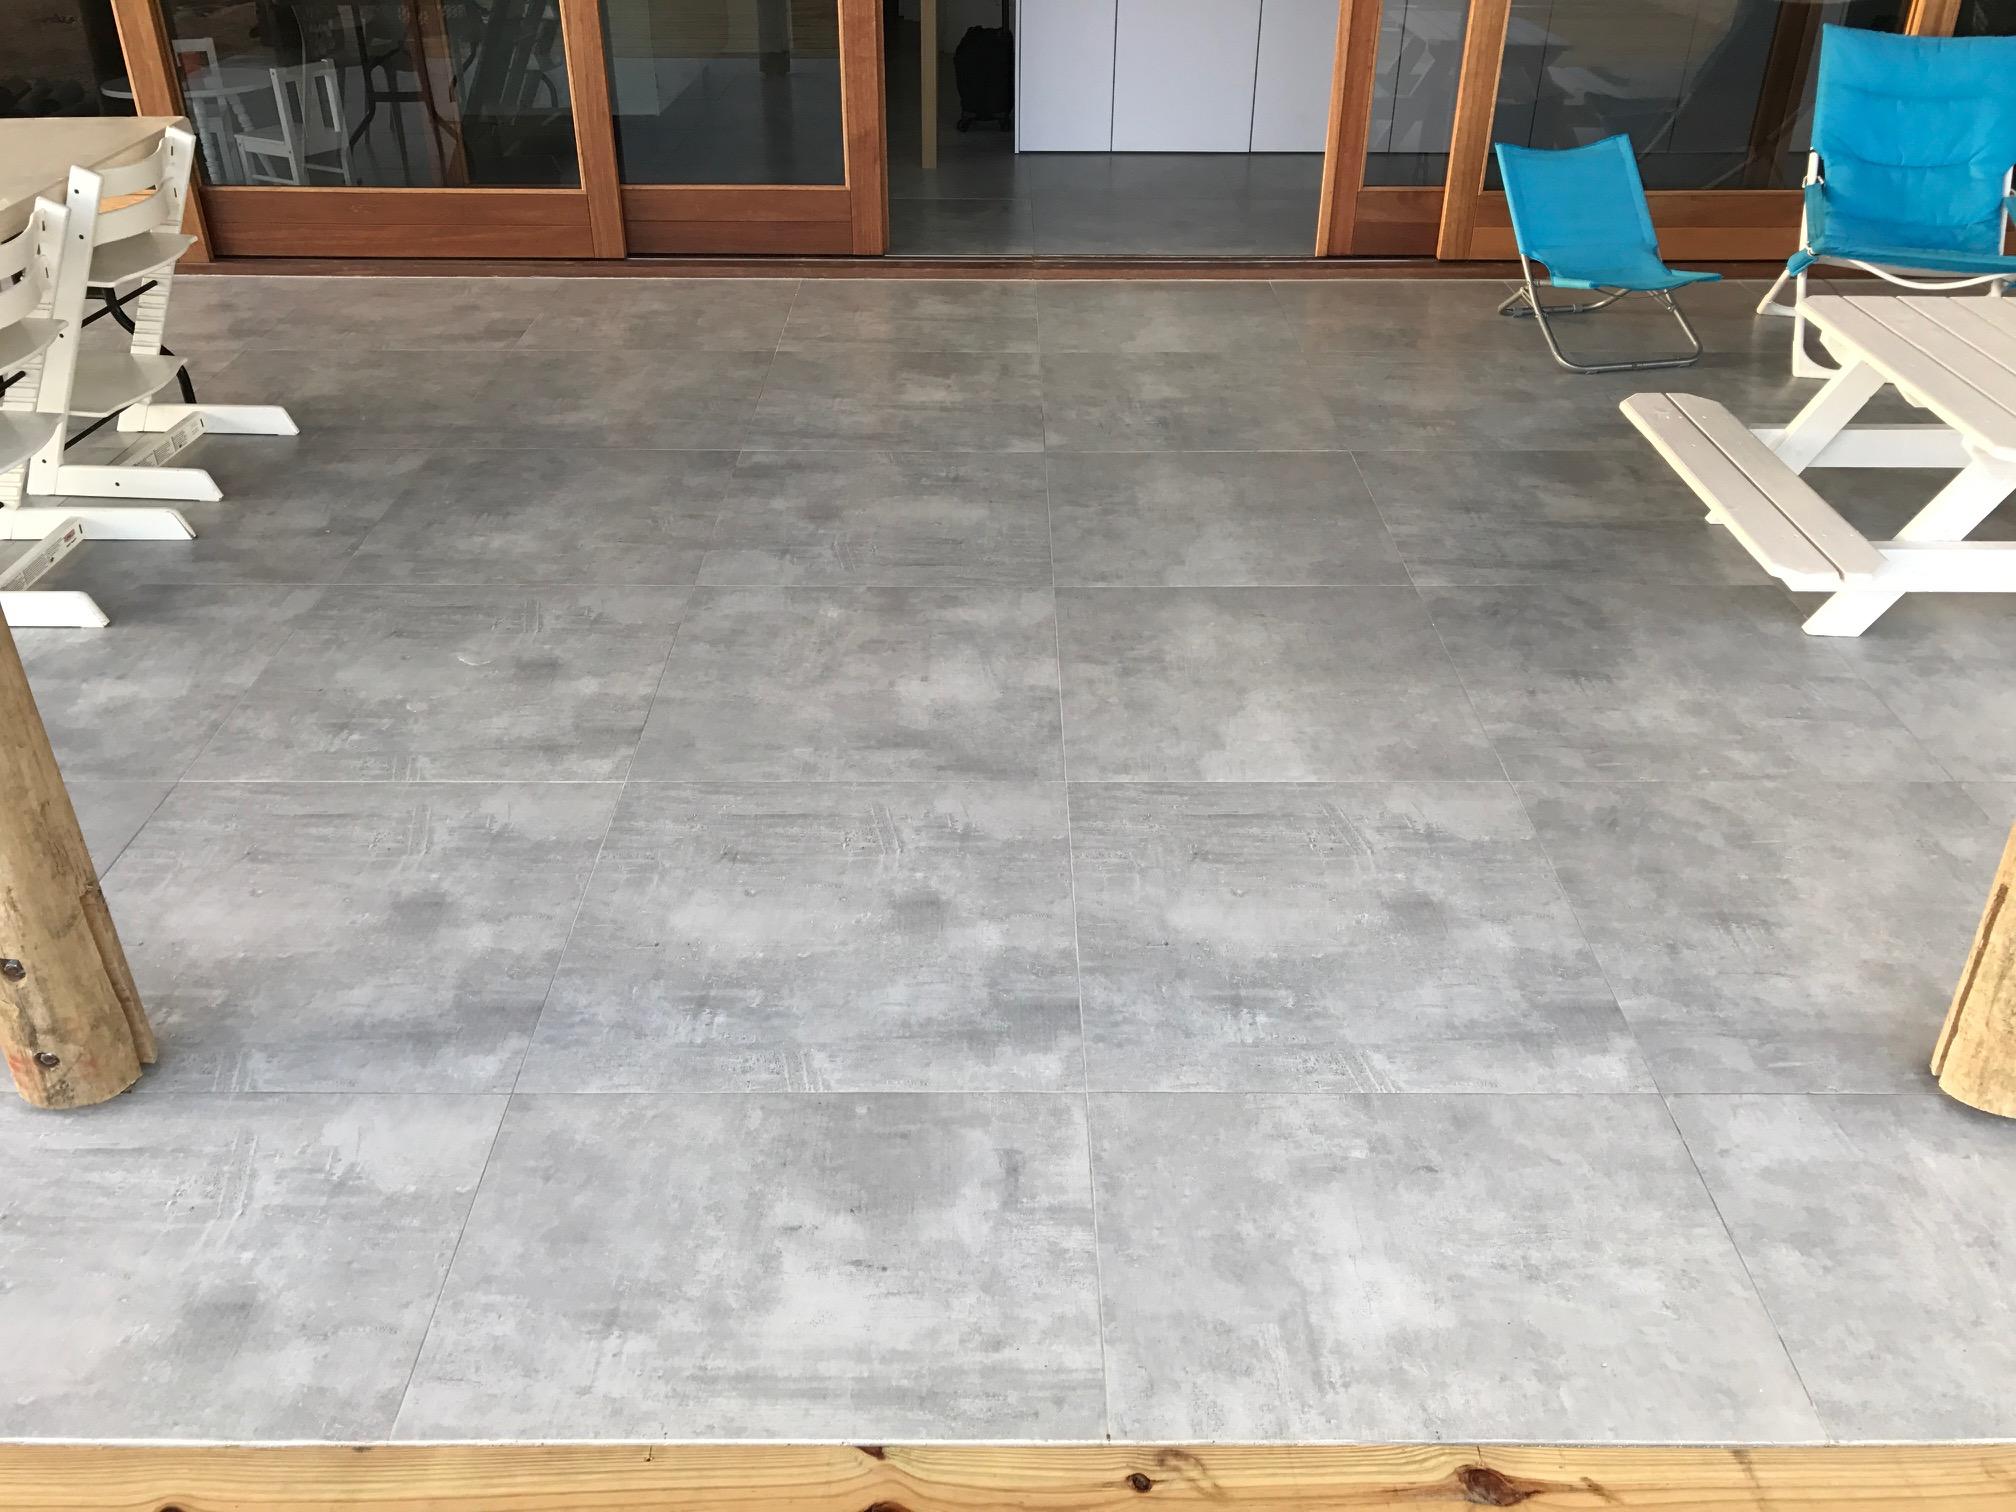 Terrastegels 80x80 Beton.Vloertegel 80x80 Cm Design Beton Grijs Cr4